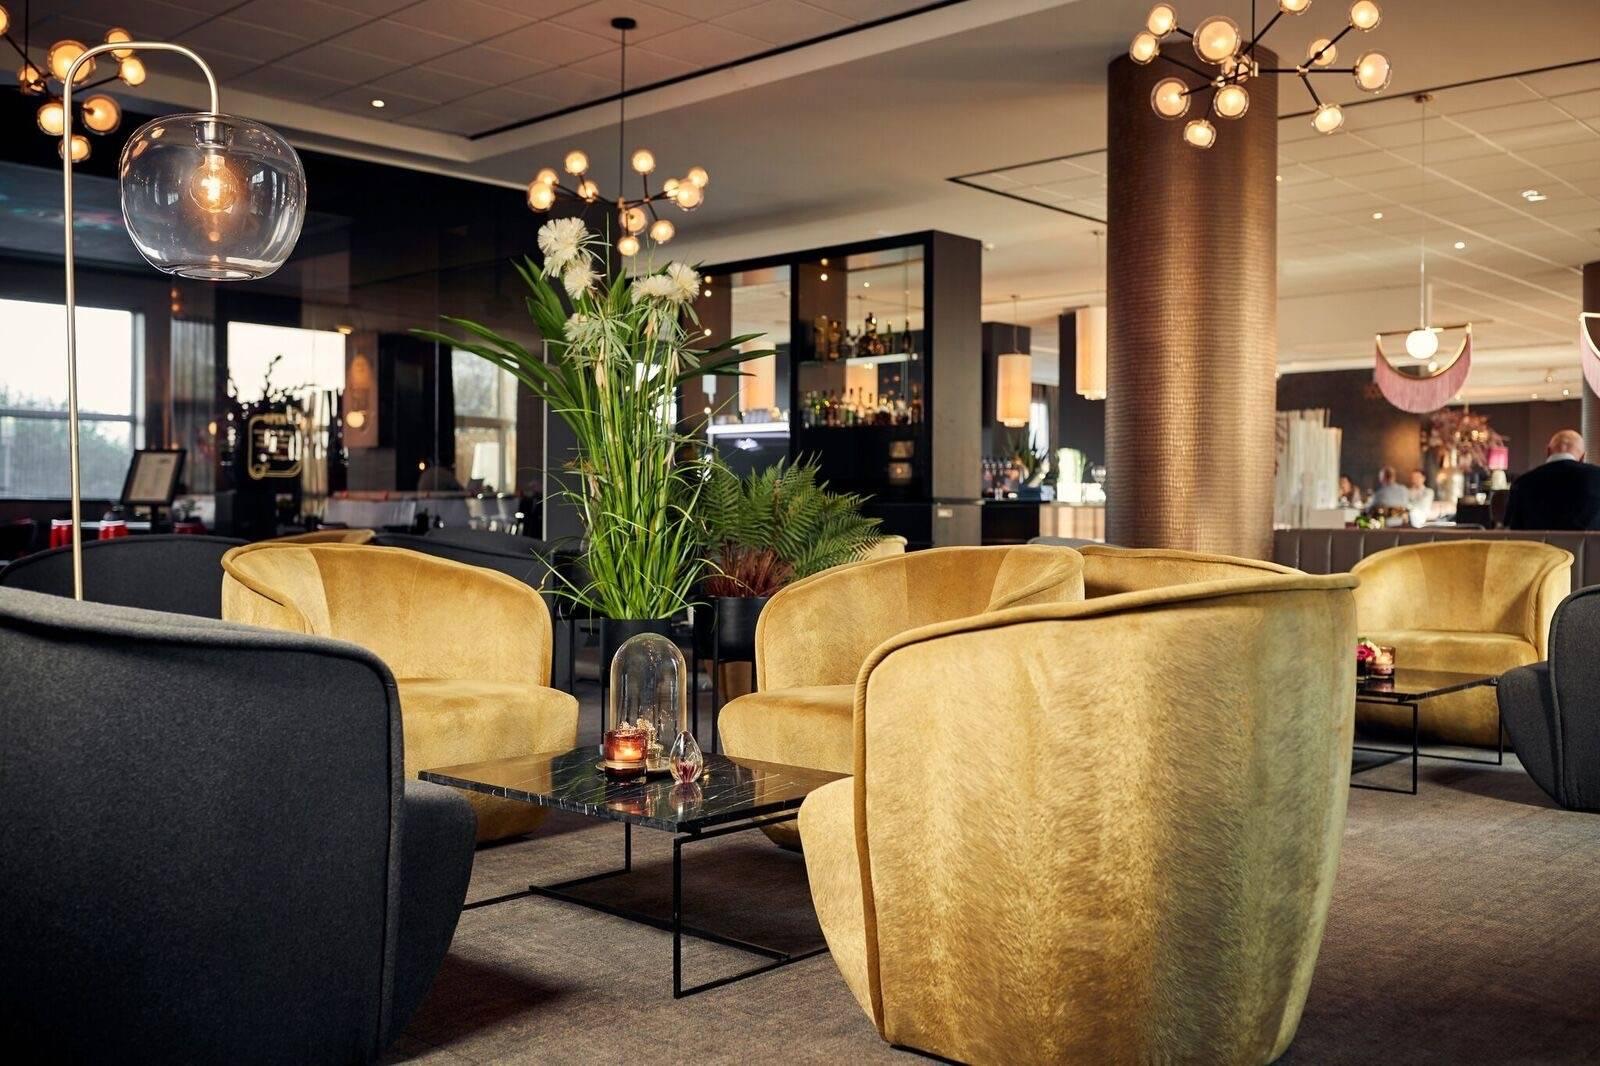 Van der Valk Hotel Brussels Airport - Feestzaal - Trouwzaal - Huwelijk Trouw Bruiloft - House of Weddings - 9